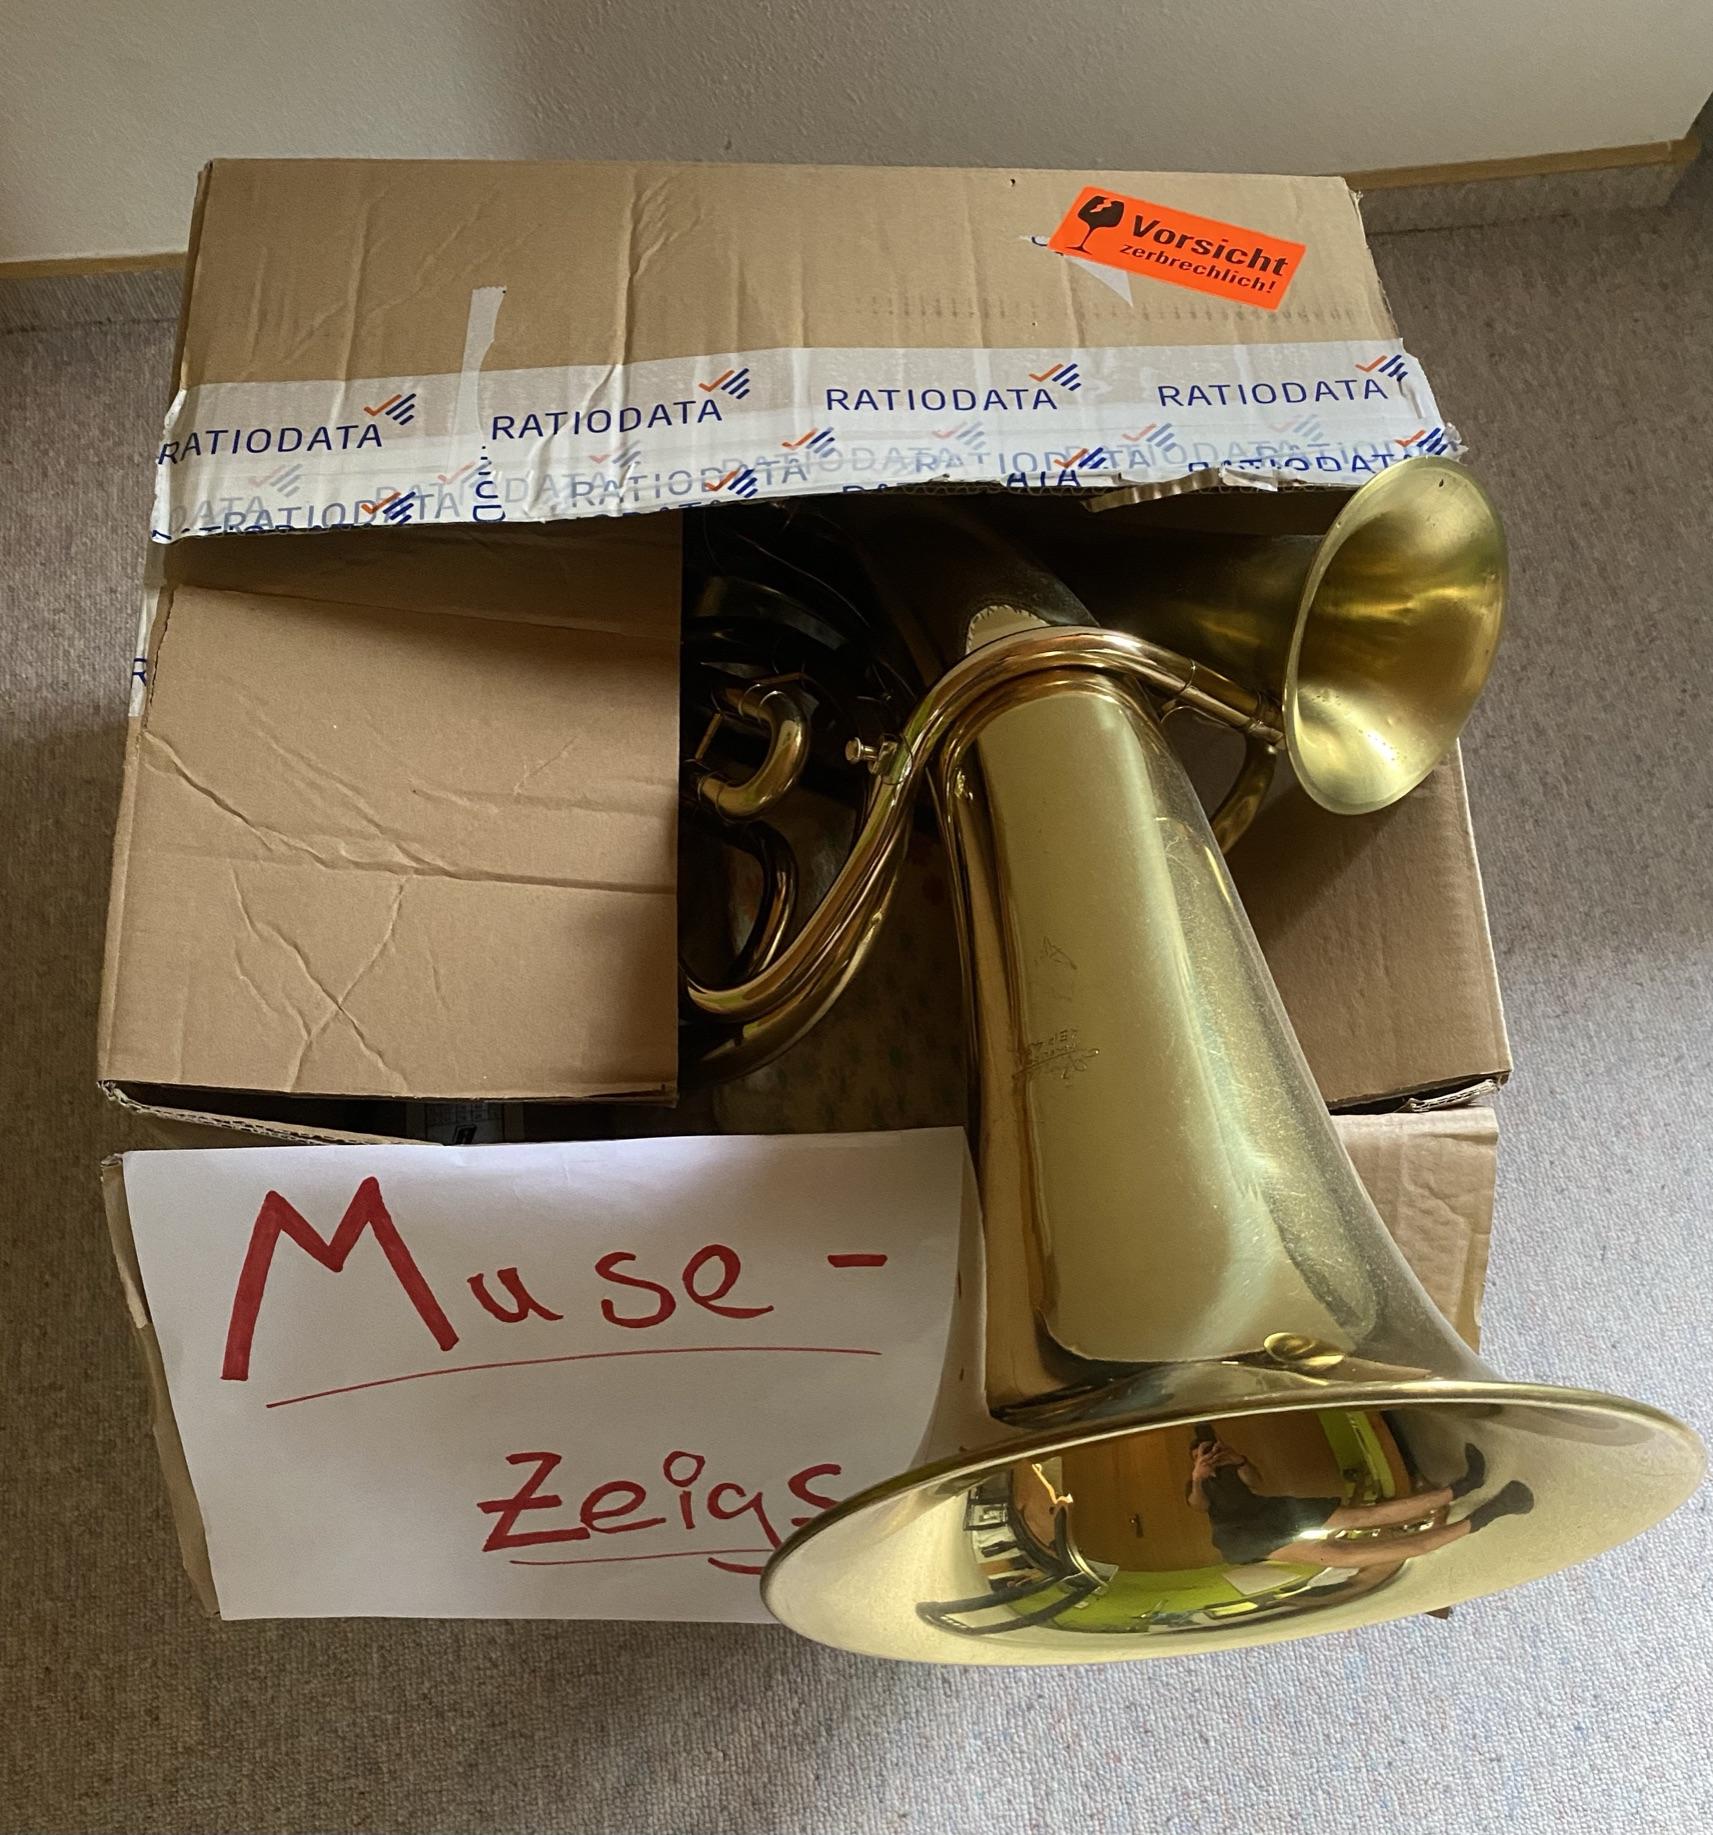 Ahhh, hier ist ja endlich die Kiste mit dem Muse-Zeigs! - Foto: Bernhard Köbler